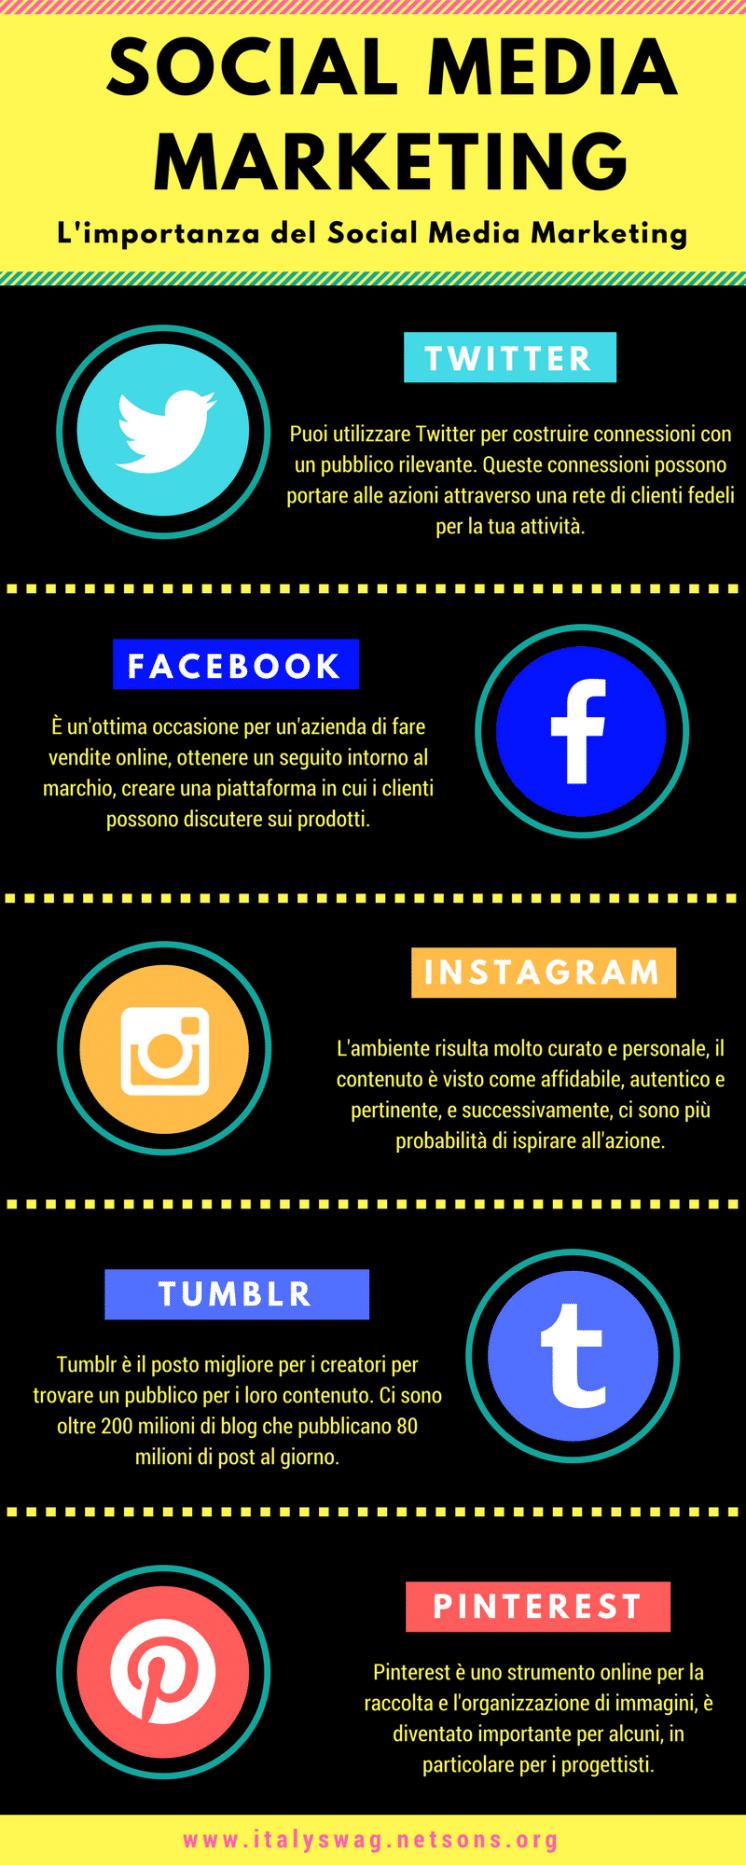 I pixel di tracciamento di Facebook - Italy Swag  agenzia web, grafica e social a Bari